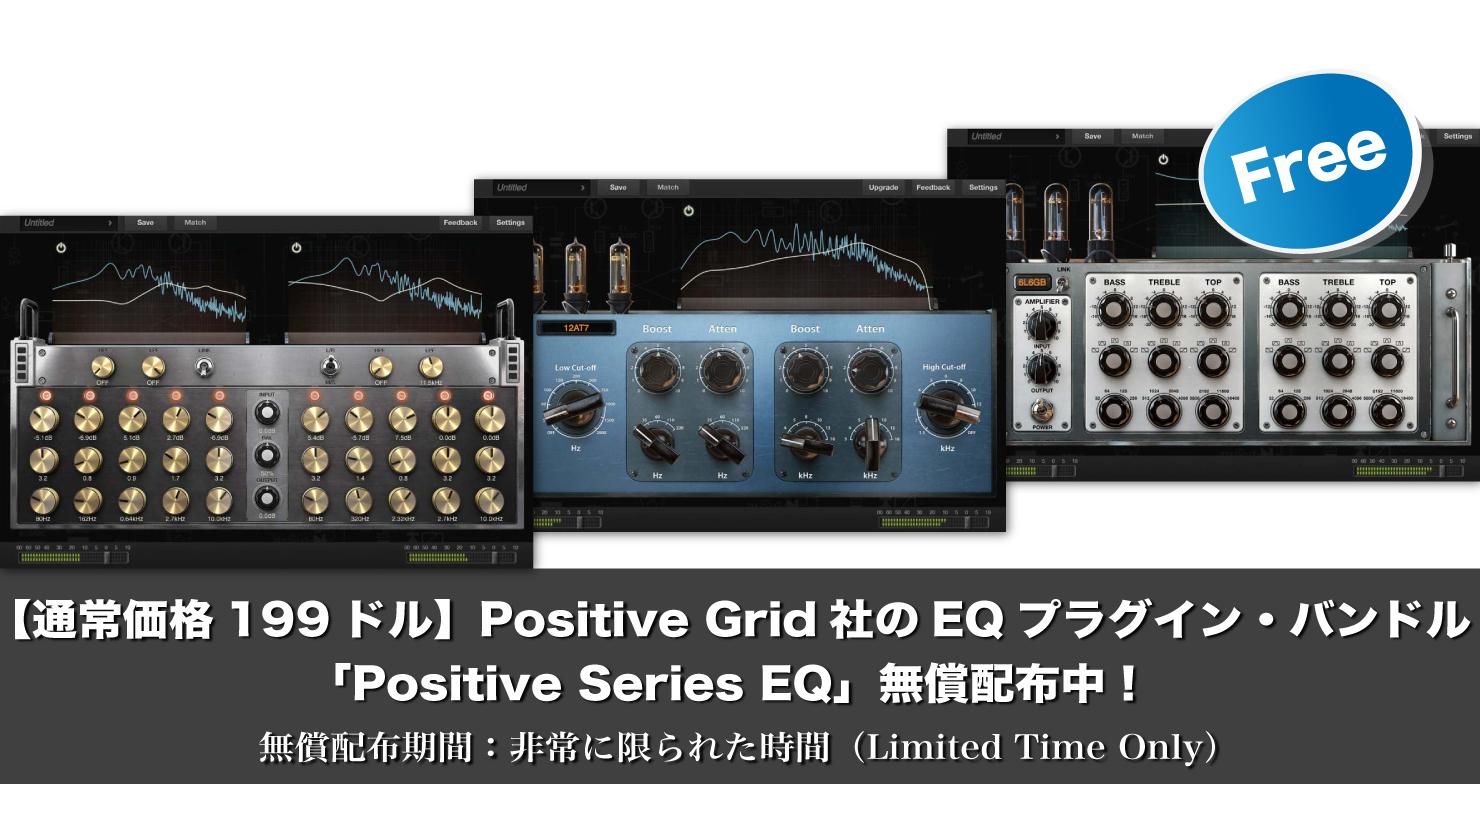 【期間限定・無料】通常価格199ドル!Positive Grid社のEQプラグイン・バンドル「Positive Series EQ」無償配布中!